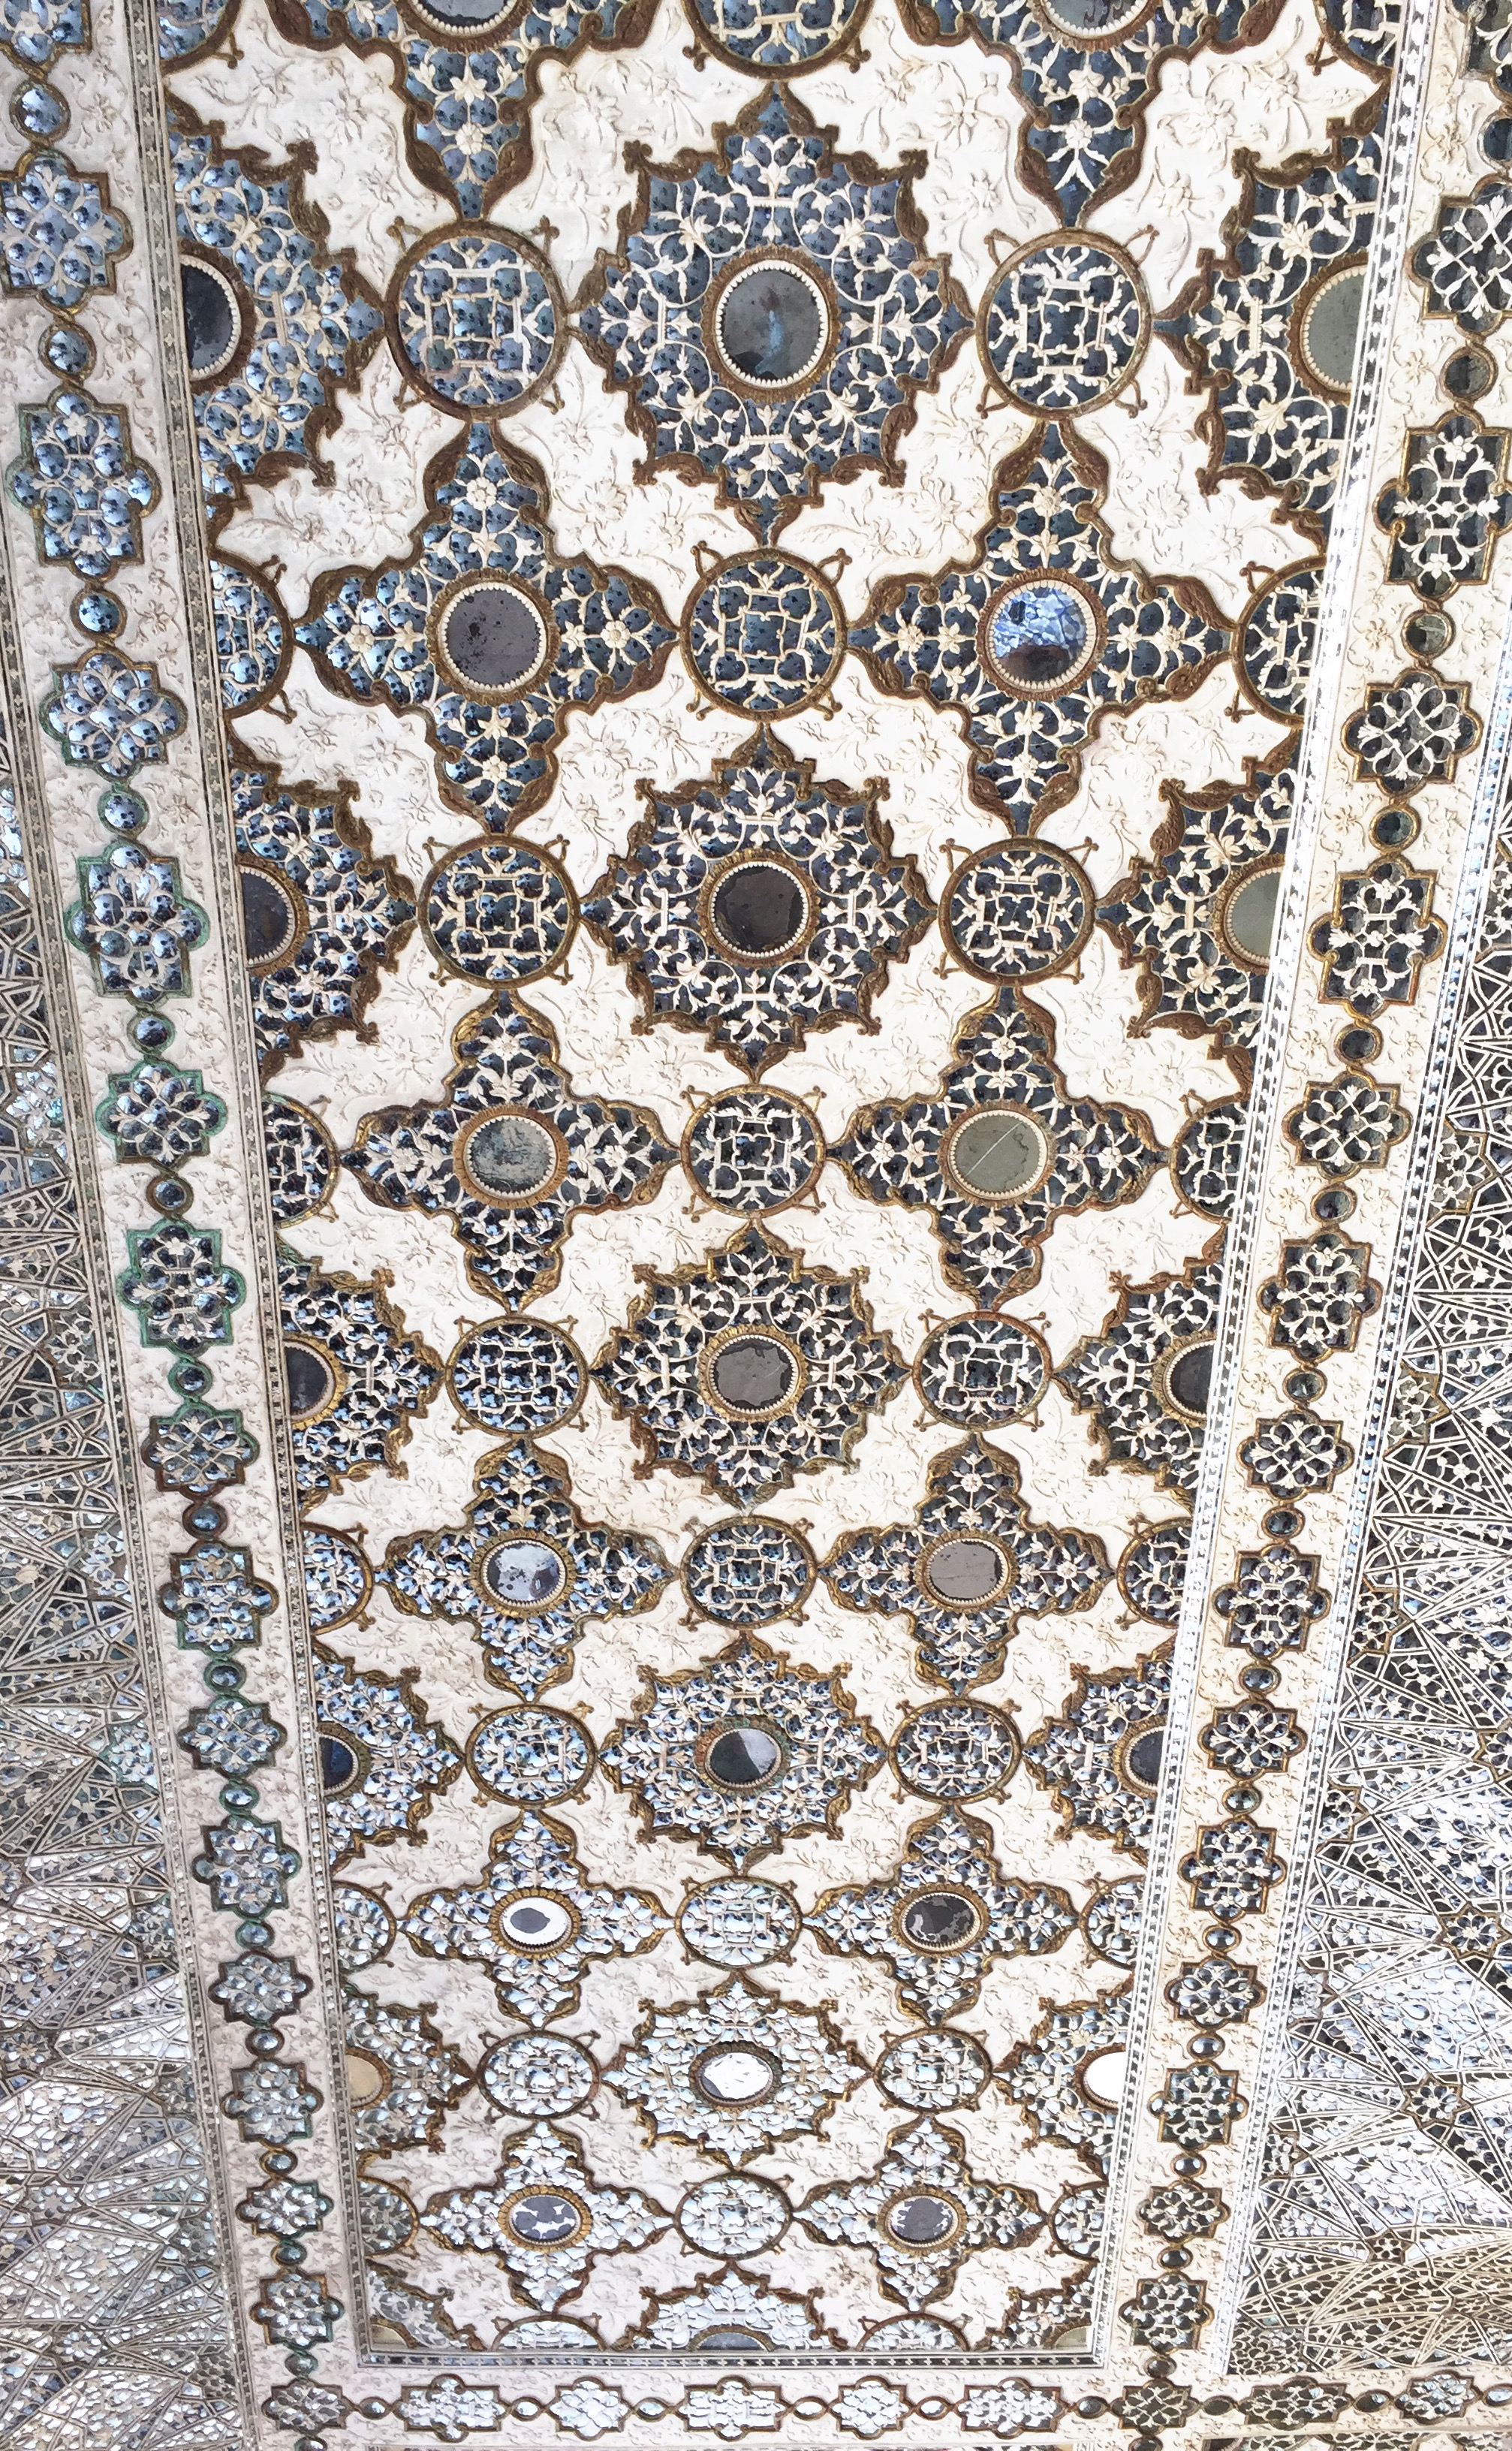 Sheesh Mahal - Mirror Palace, Jaipur, India